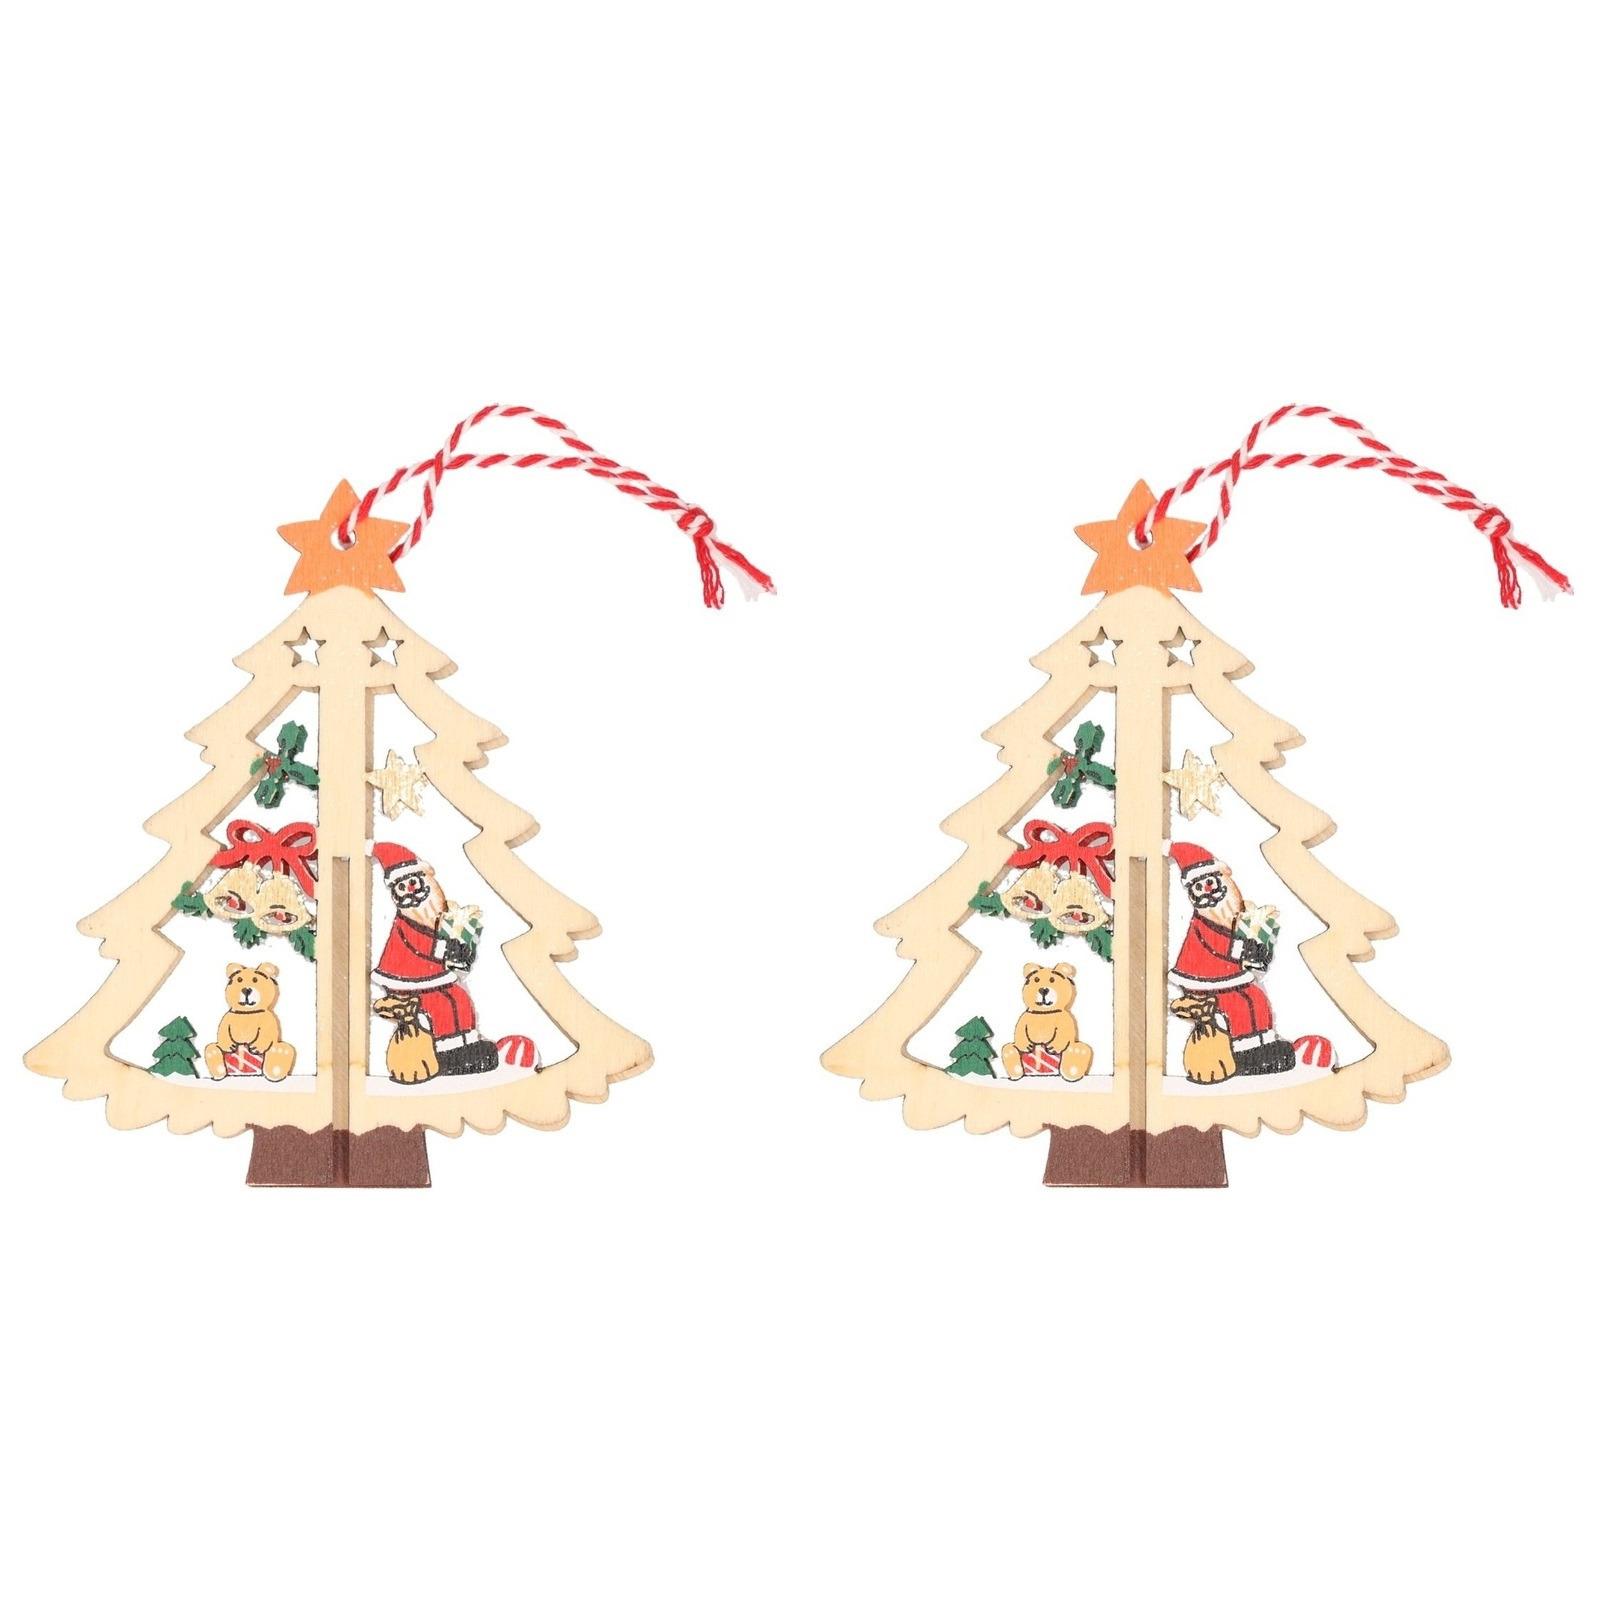 2x Kerst hangdecoratie kerstbomen met kerstman 10 cm van hout